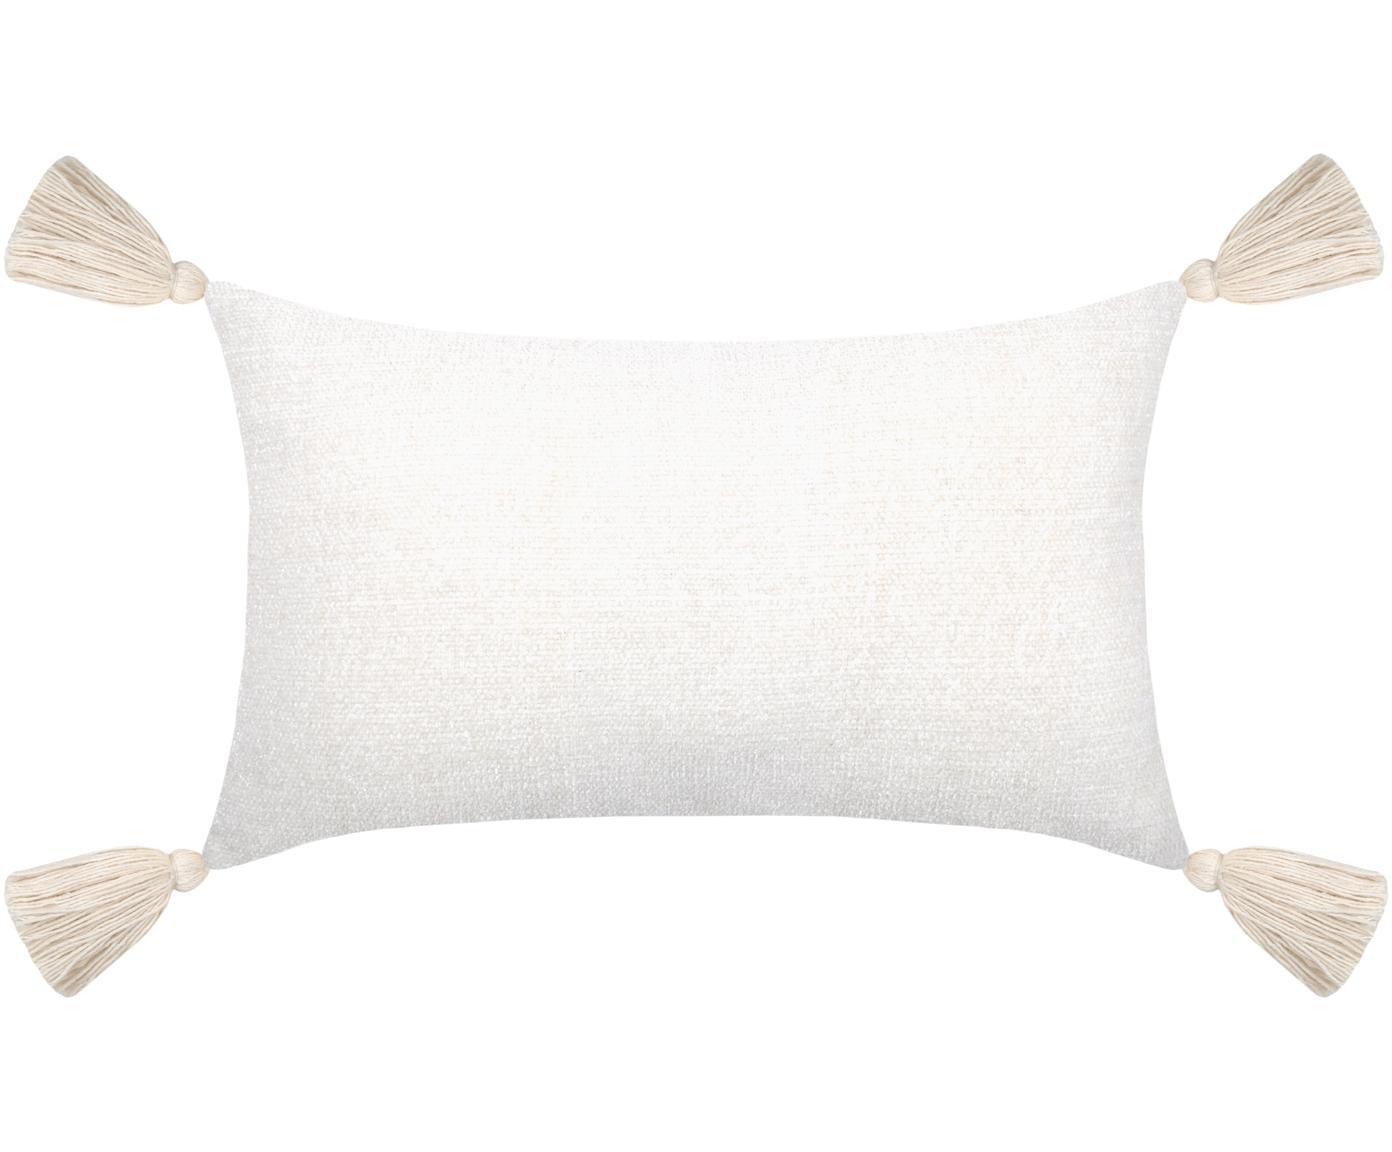 Cuscino con imbottitura Chila, Rivestimento: 95% poliestere, 5% cotone, Bianco, Larg. 30 x Lung. 50 cm